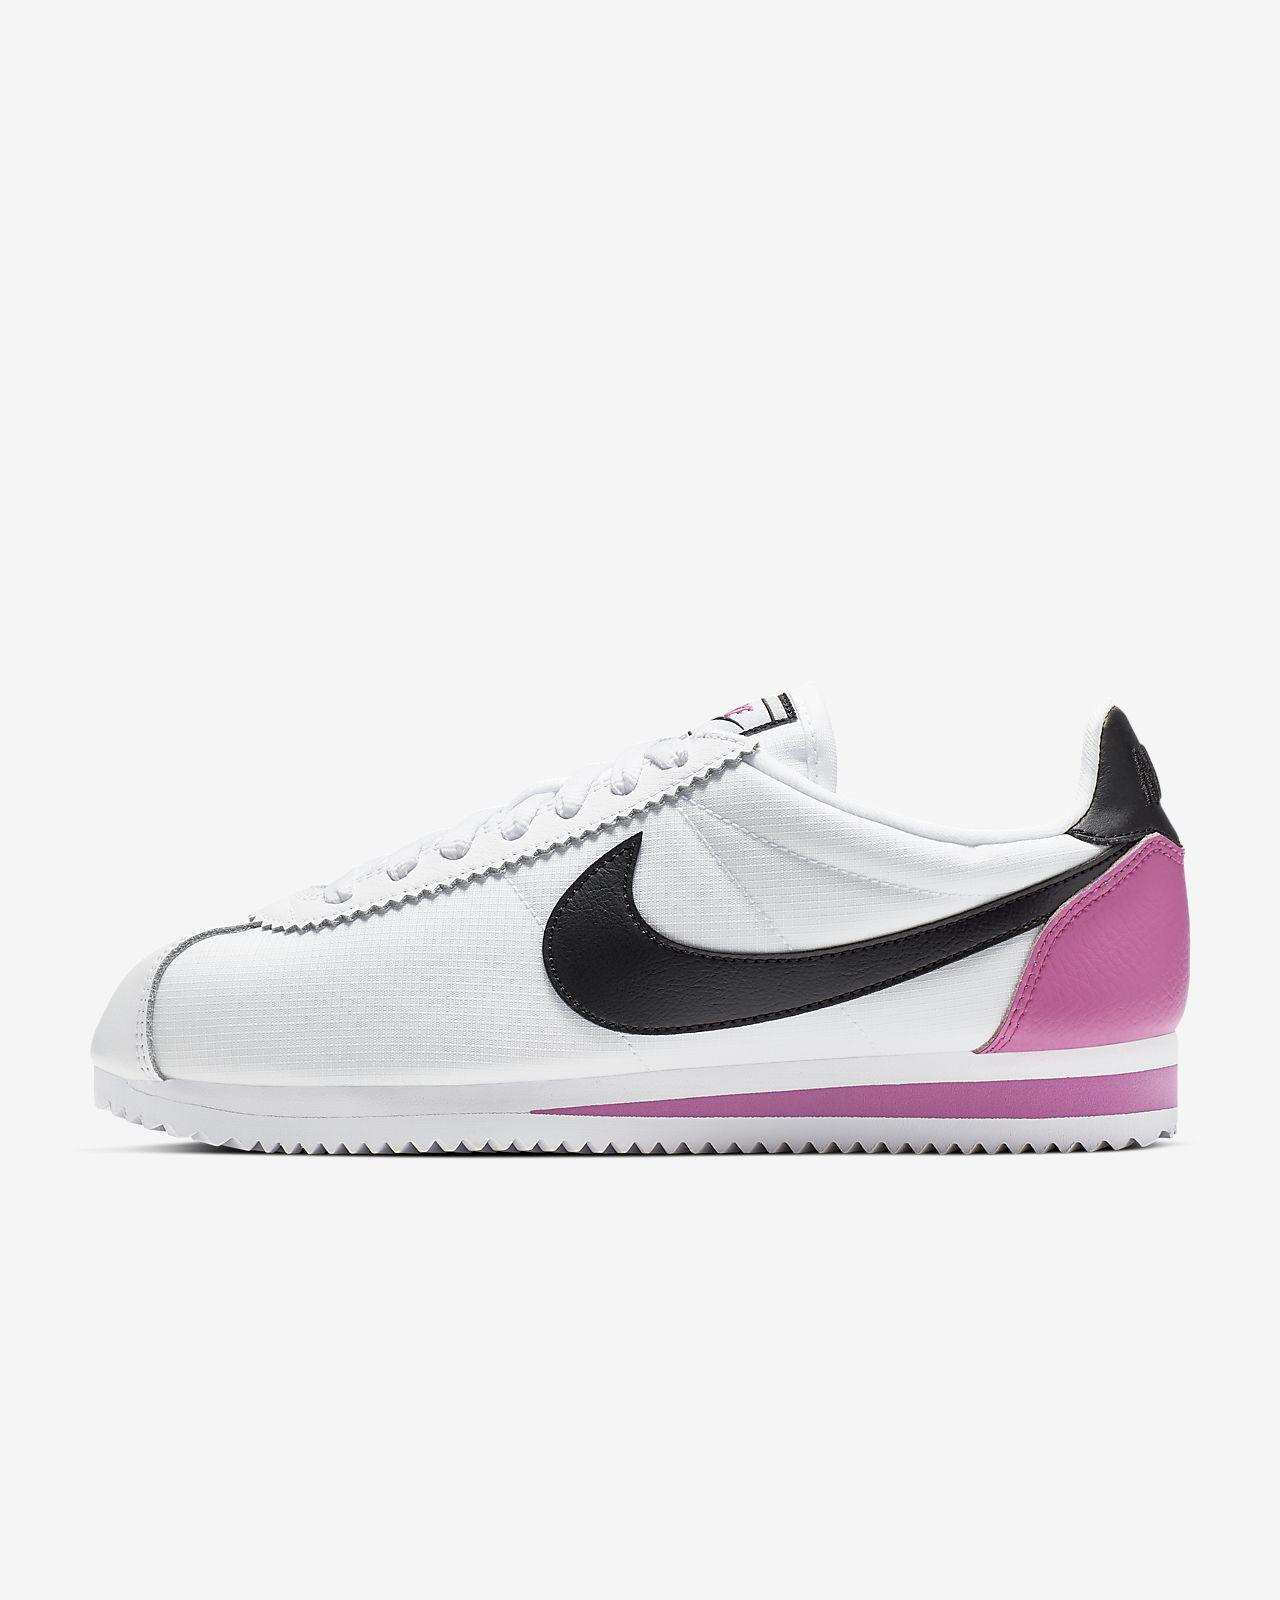 finest selection 74a4a 7db0b ... Nike Classic Cortez Premium Women s Shoe